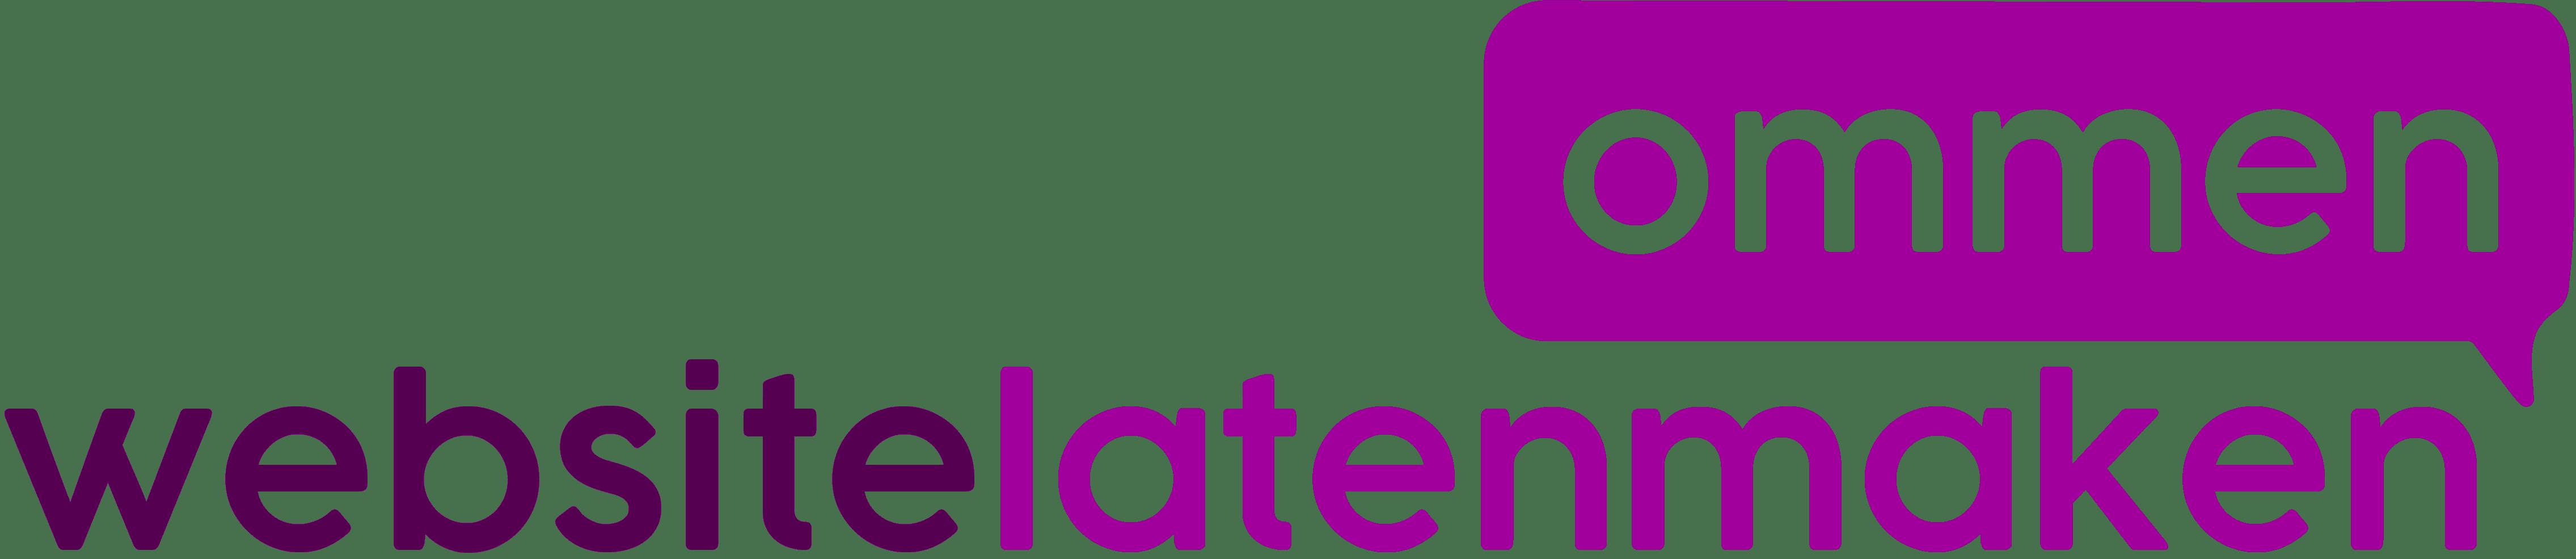 webdesign bureau ommen logo